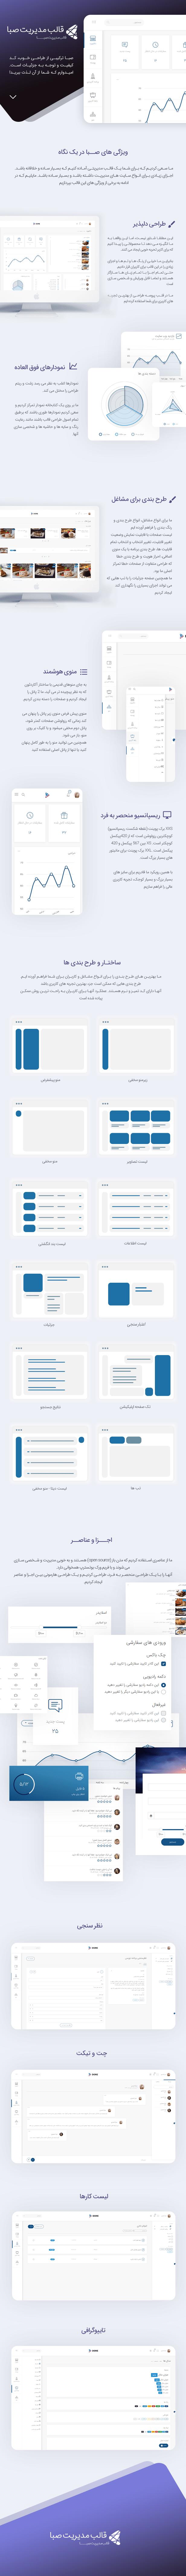 قالب HTML صبا پوسته کاملا حرفه ای پنل مدیریتی | خرید و دانلود قالب مدیریتی Dore